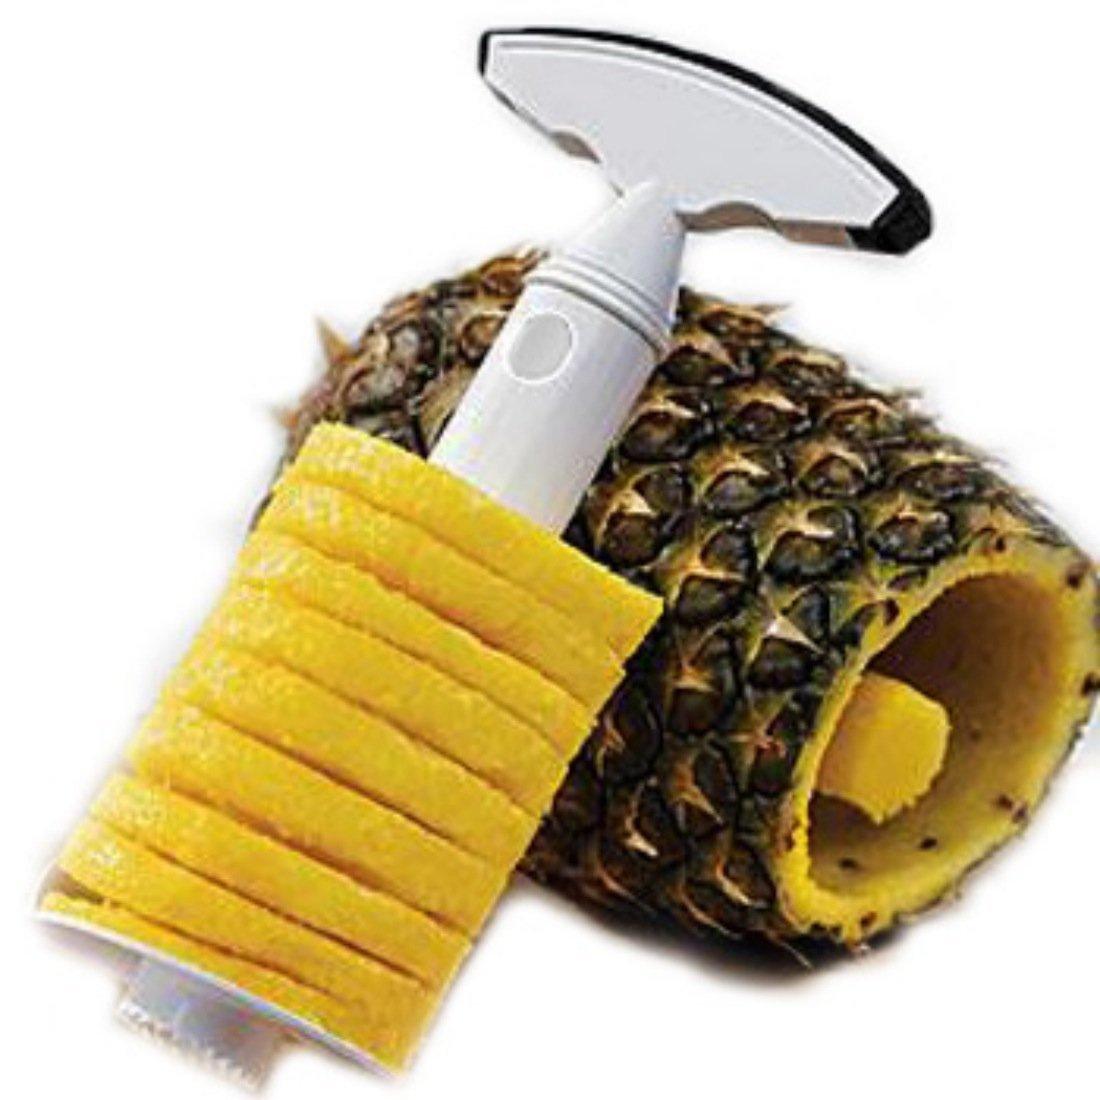 BlueBeach Fruit Pineapple Corer Slicer Peeler Cutter Parer fruit-1